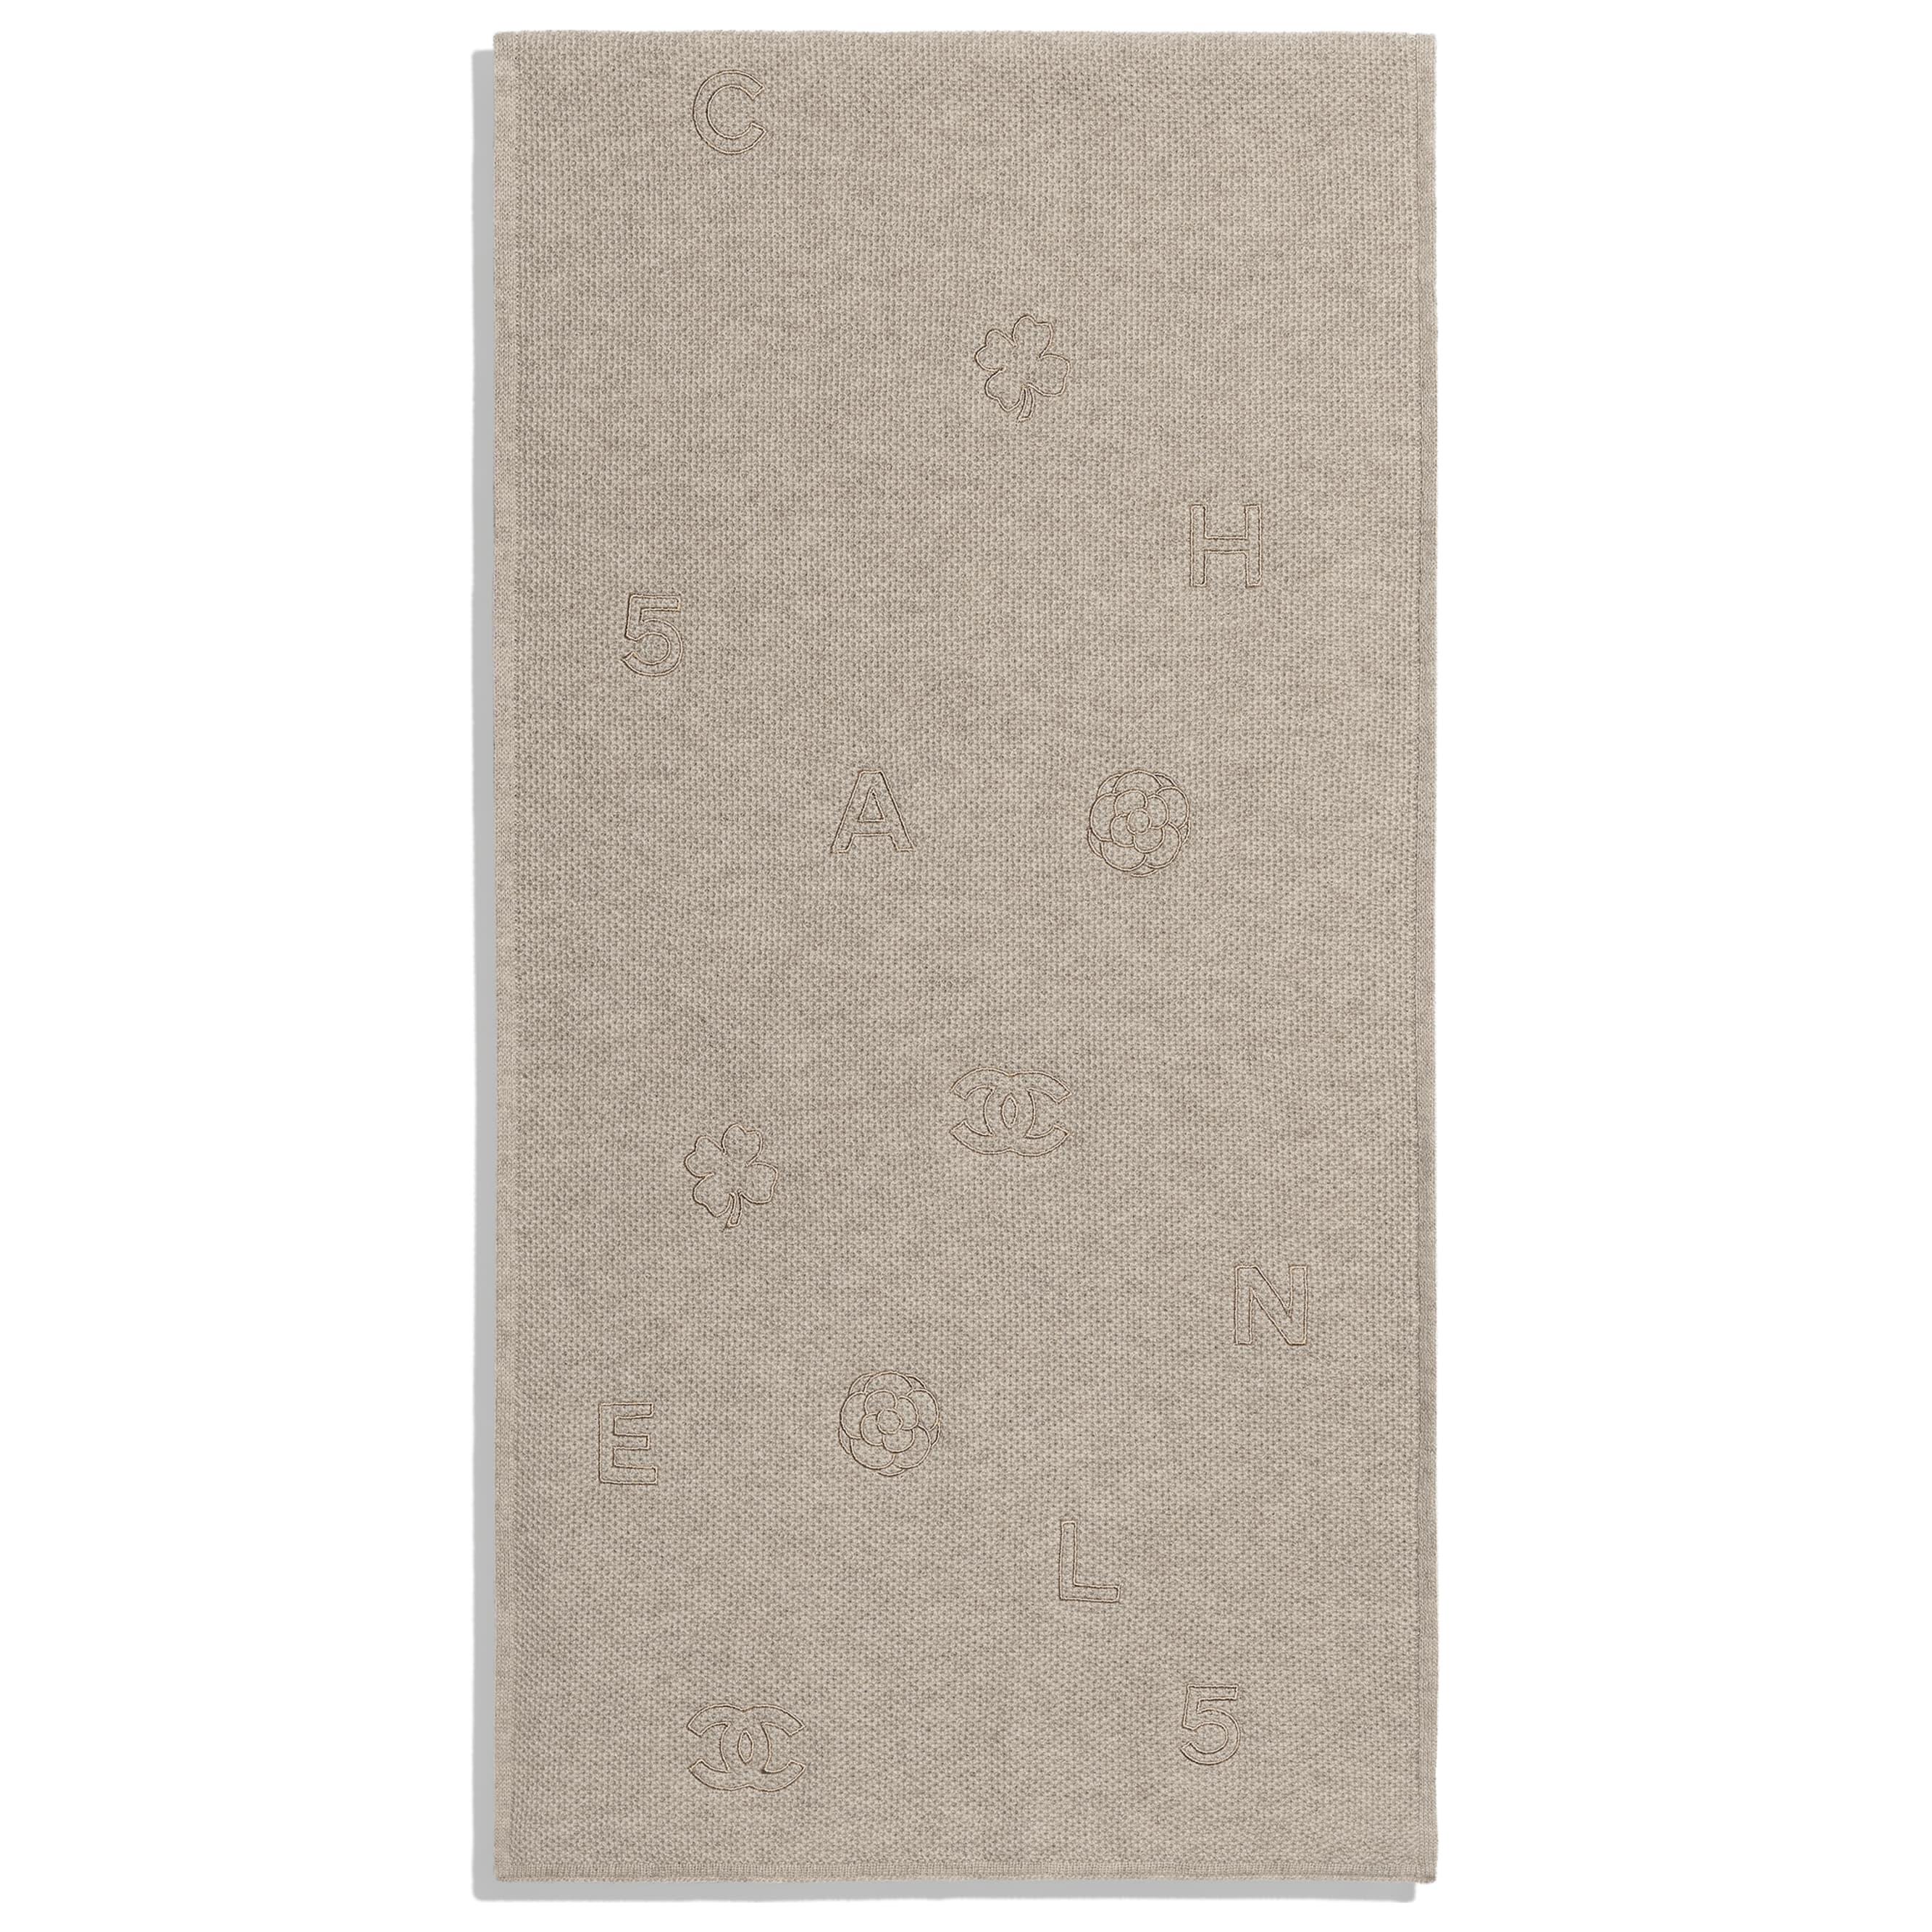 圍巾 - 米 - 開士米 - CHANEL - 替代視圖 - 查看標準尺寸版本